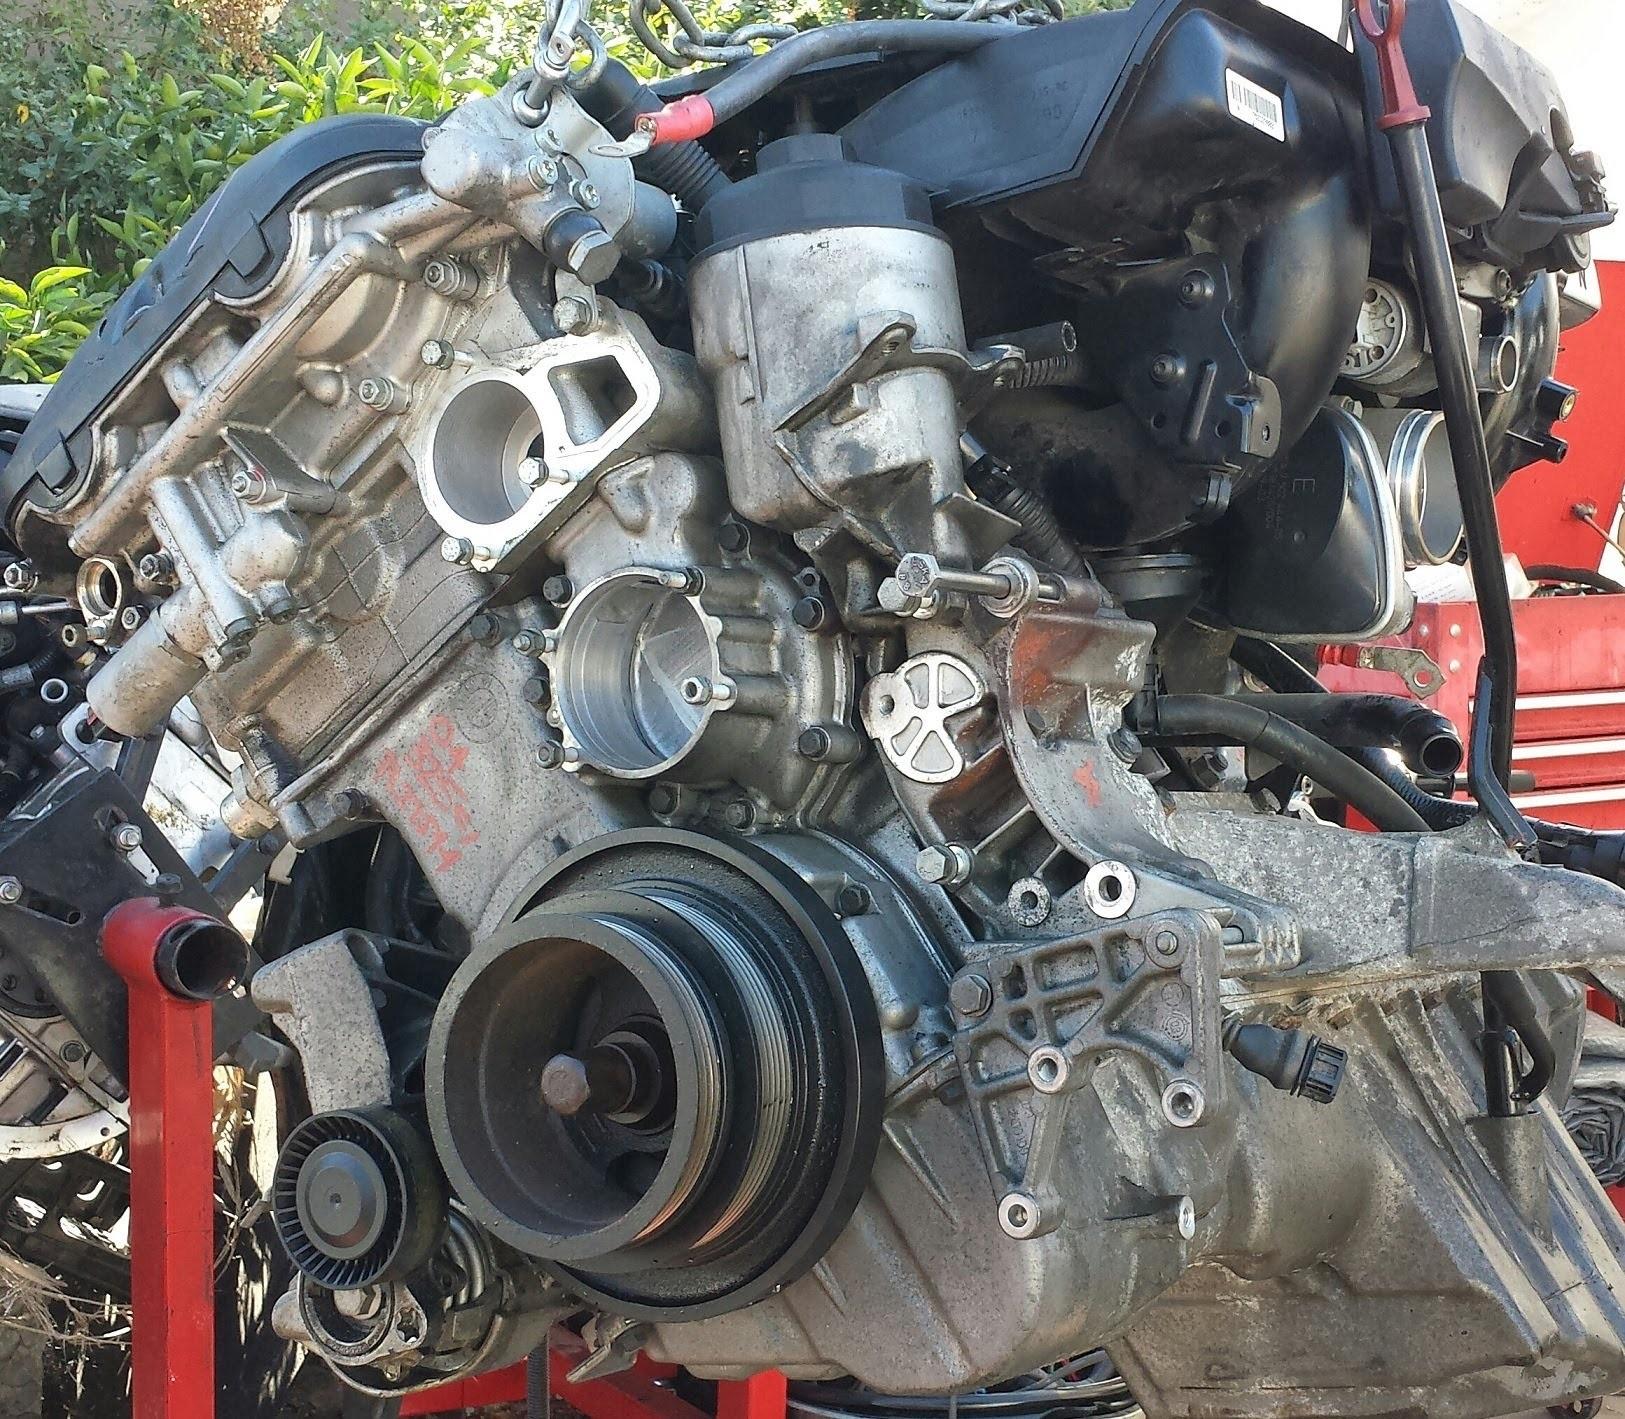 E46 318i Engine Diagram   My Wiring DIagram